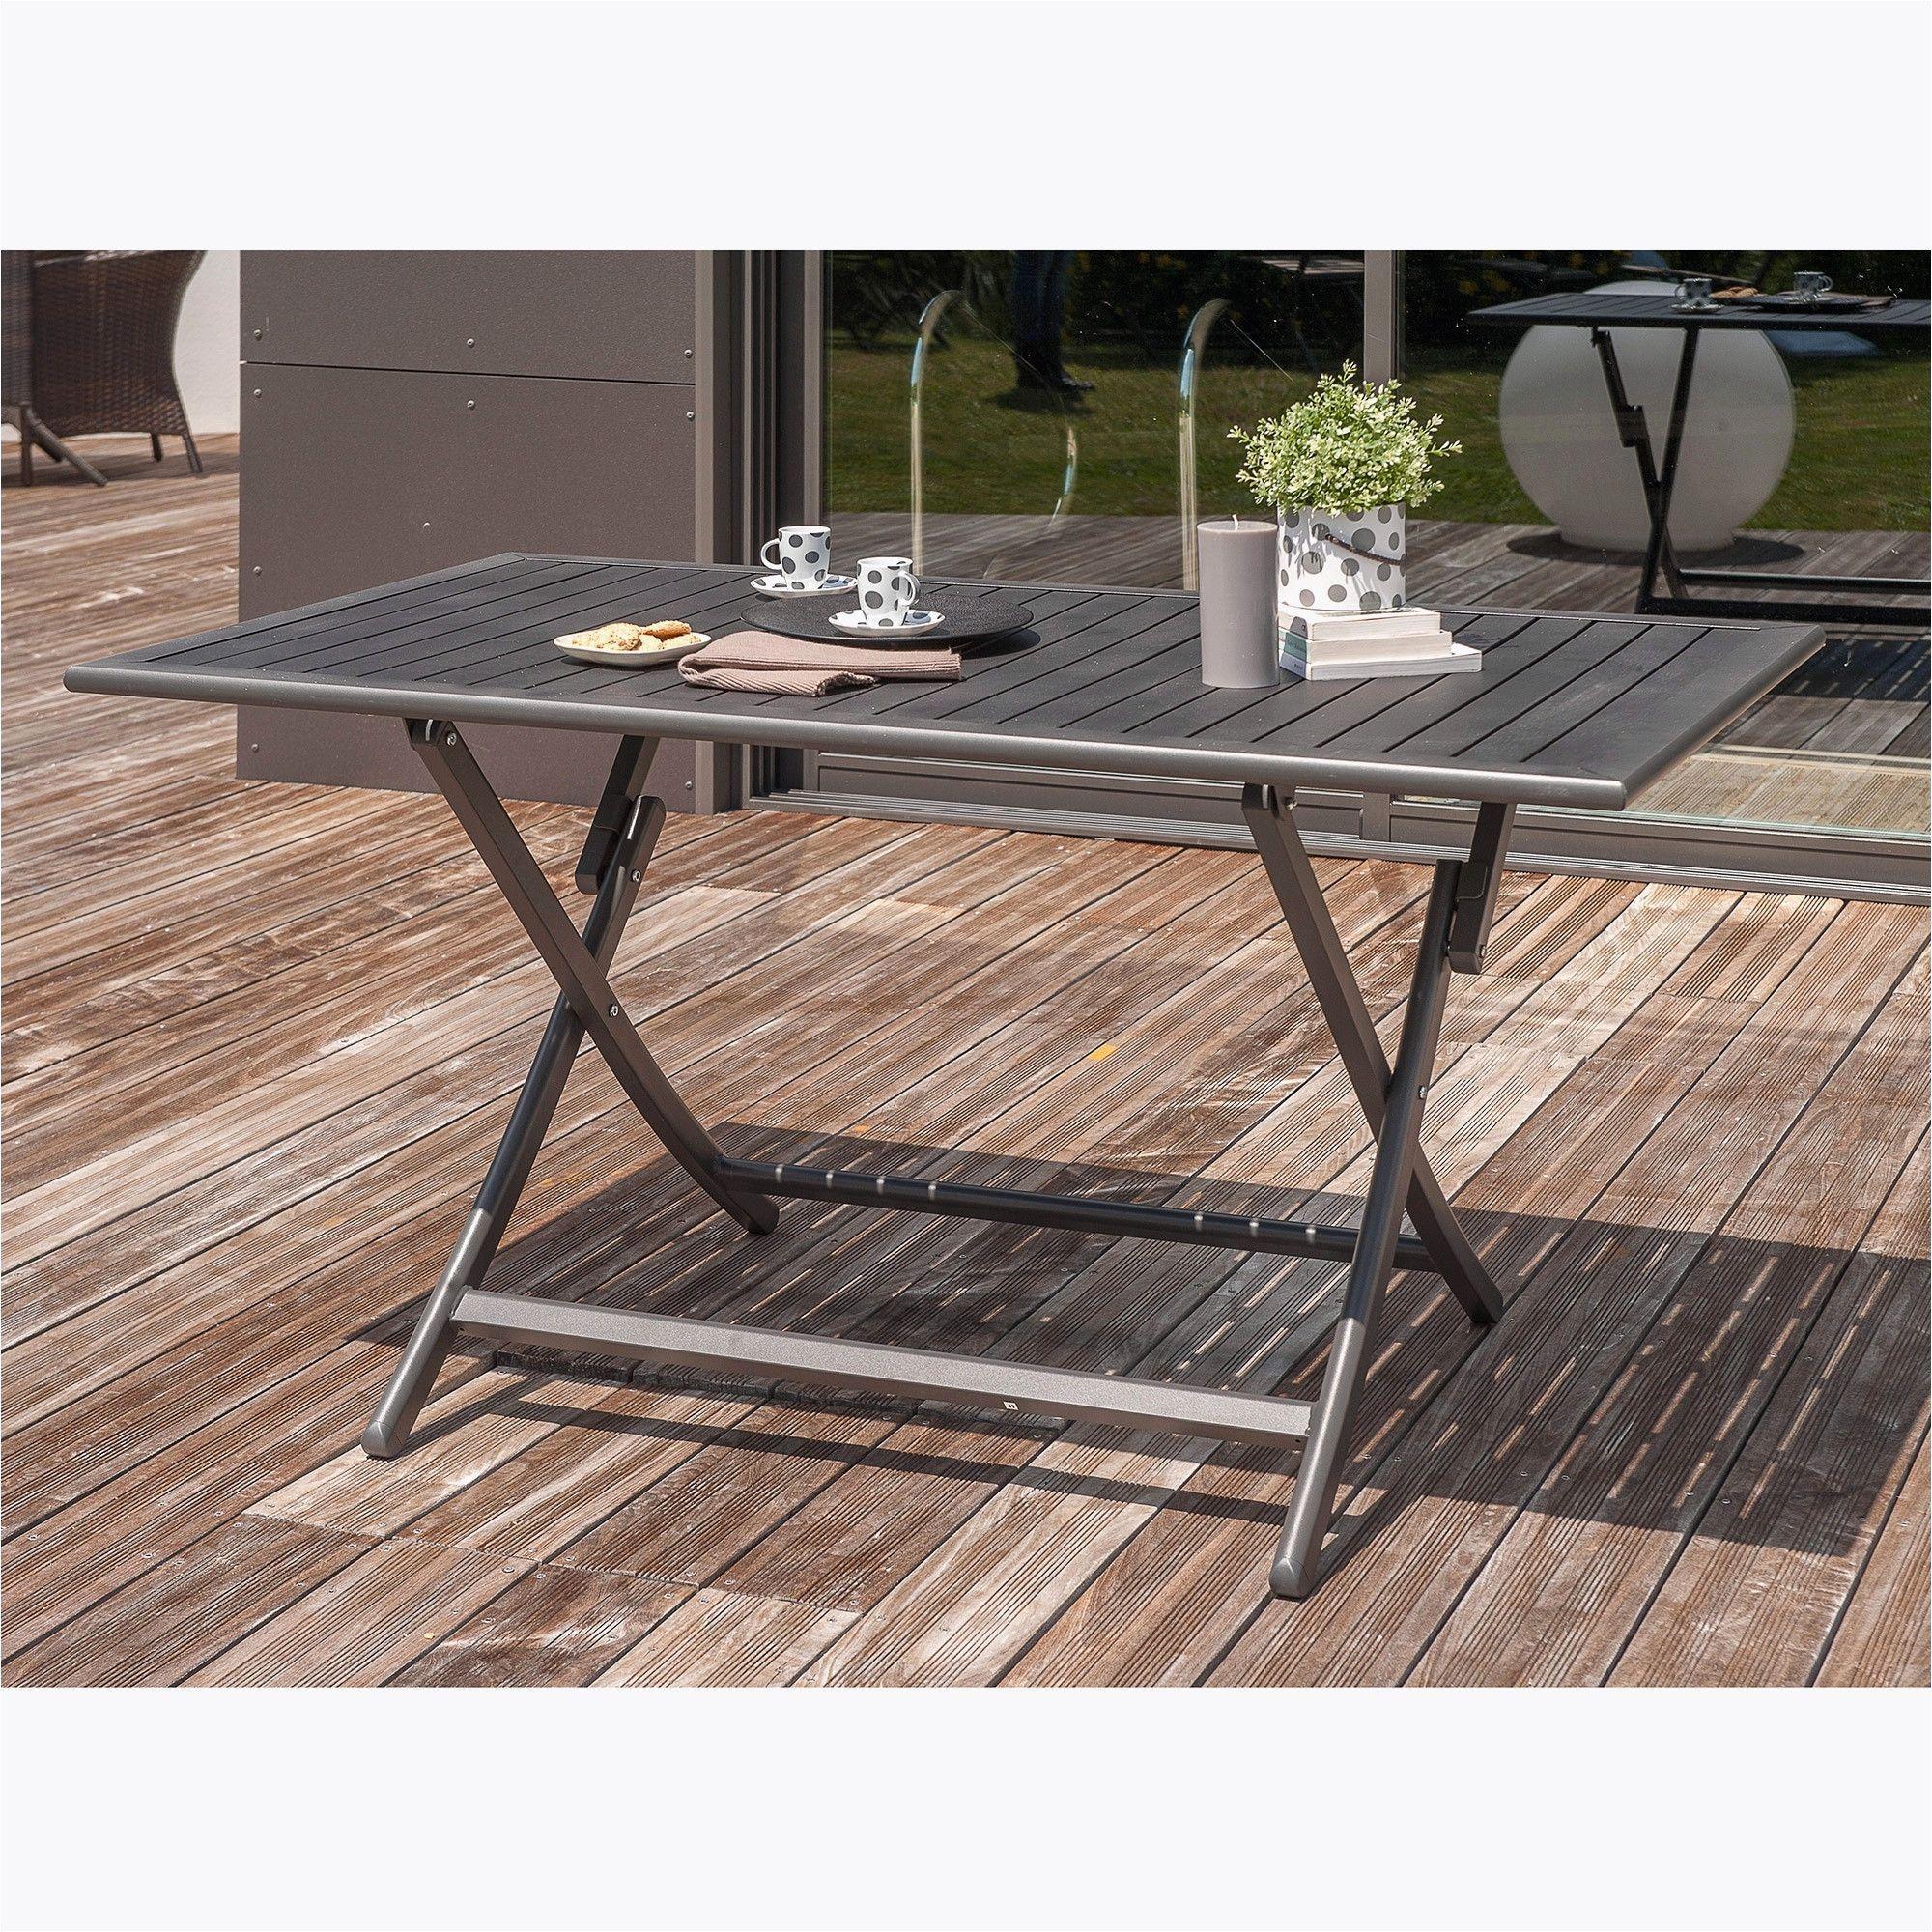 Table Pliante Leclerc Beau S Leclerc Table De Jardin ... serapportantà Table De Jardin Auchan